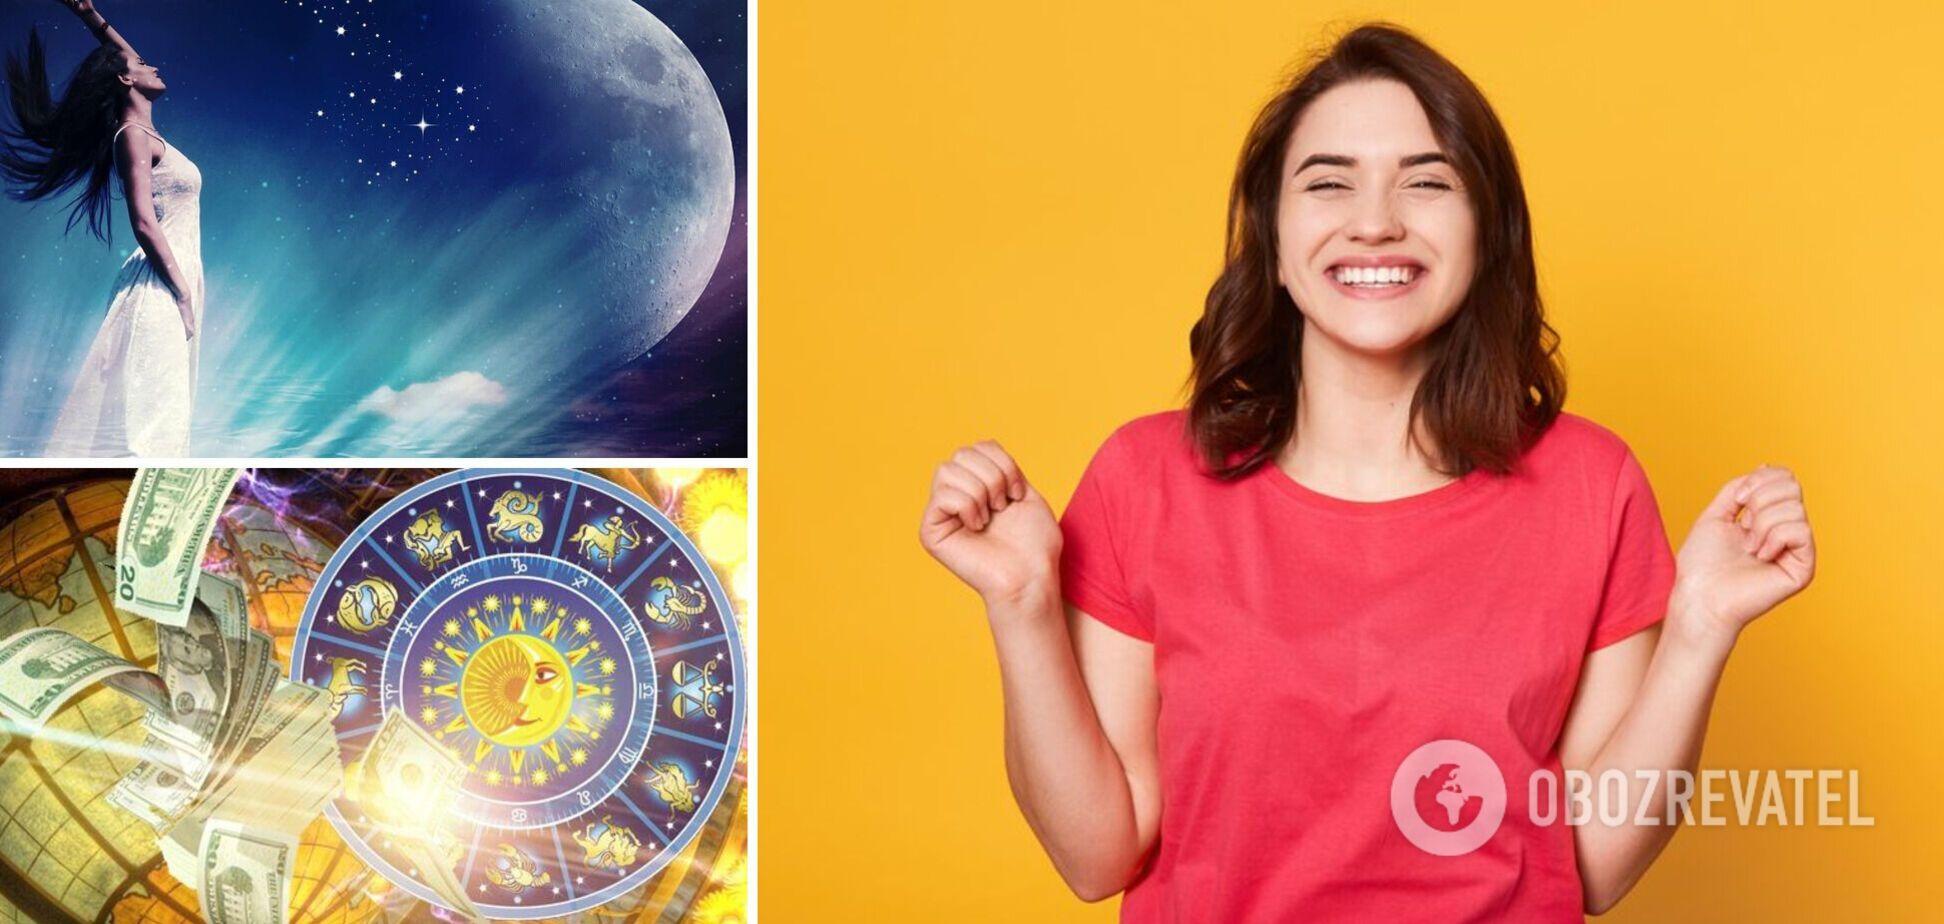 Молодик в липні 'переверне' життя п'яти знаків зодіаку: їх чекають приємні 'бонуси'